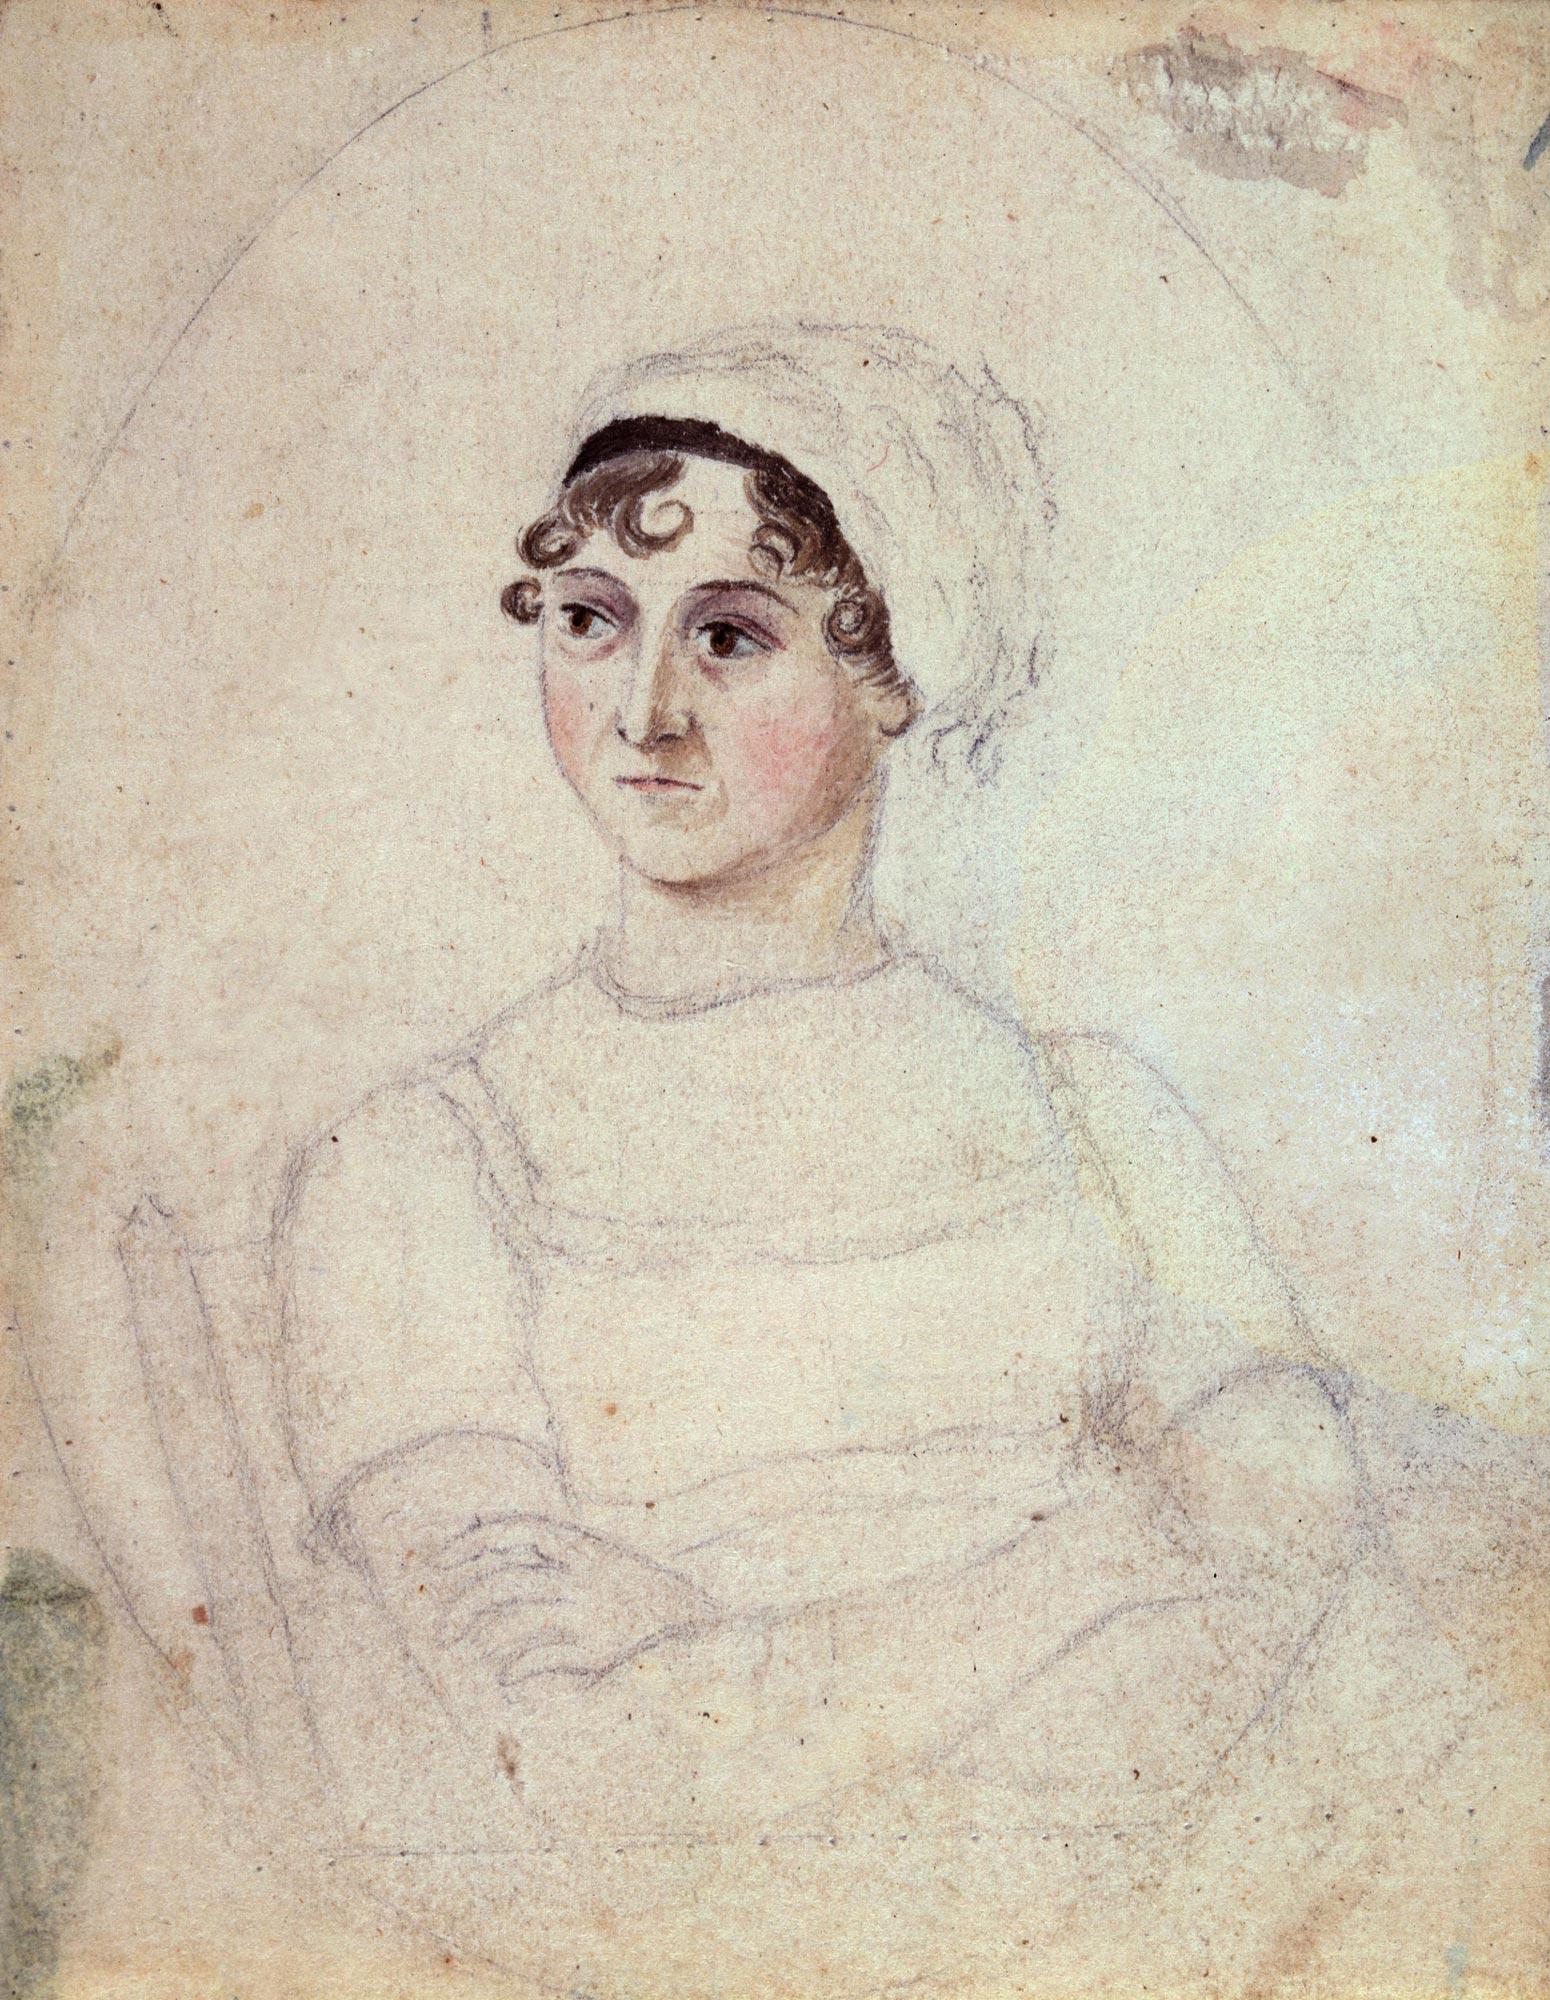 Jane Austen – author of Pride and Prejudice